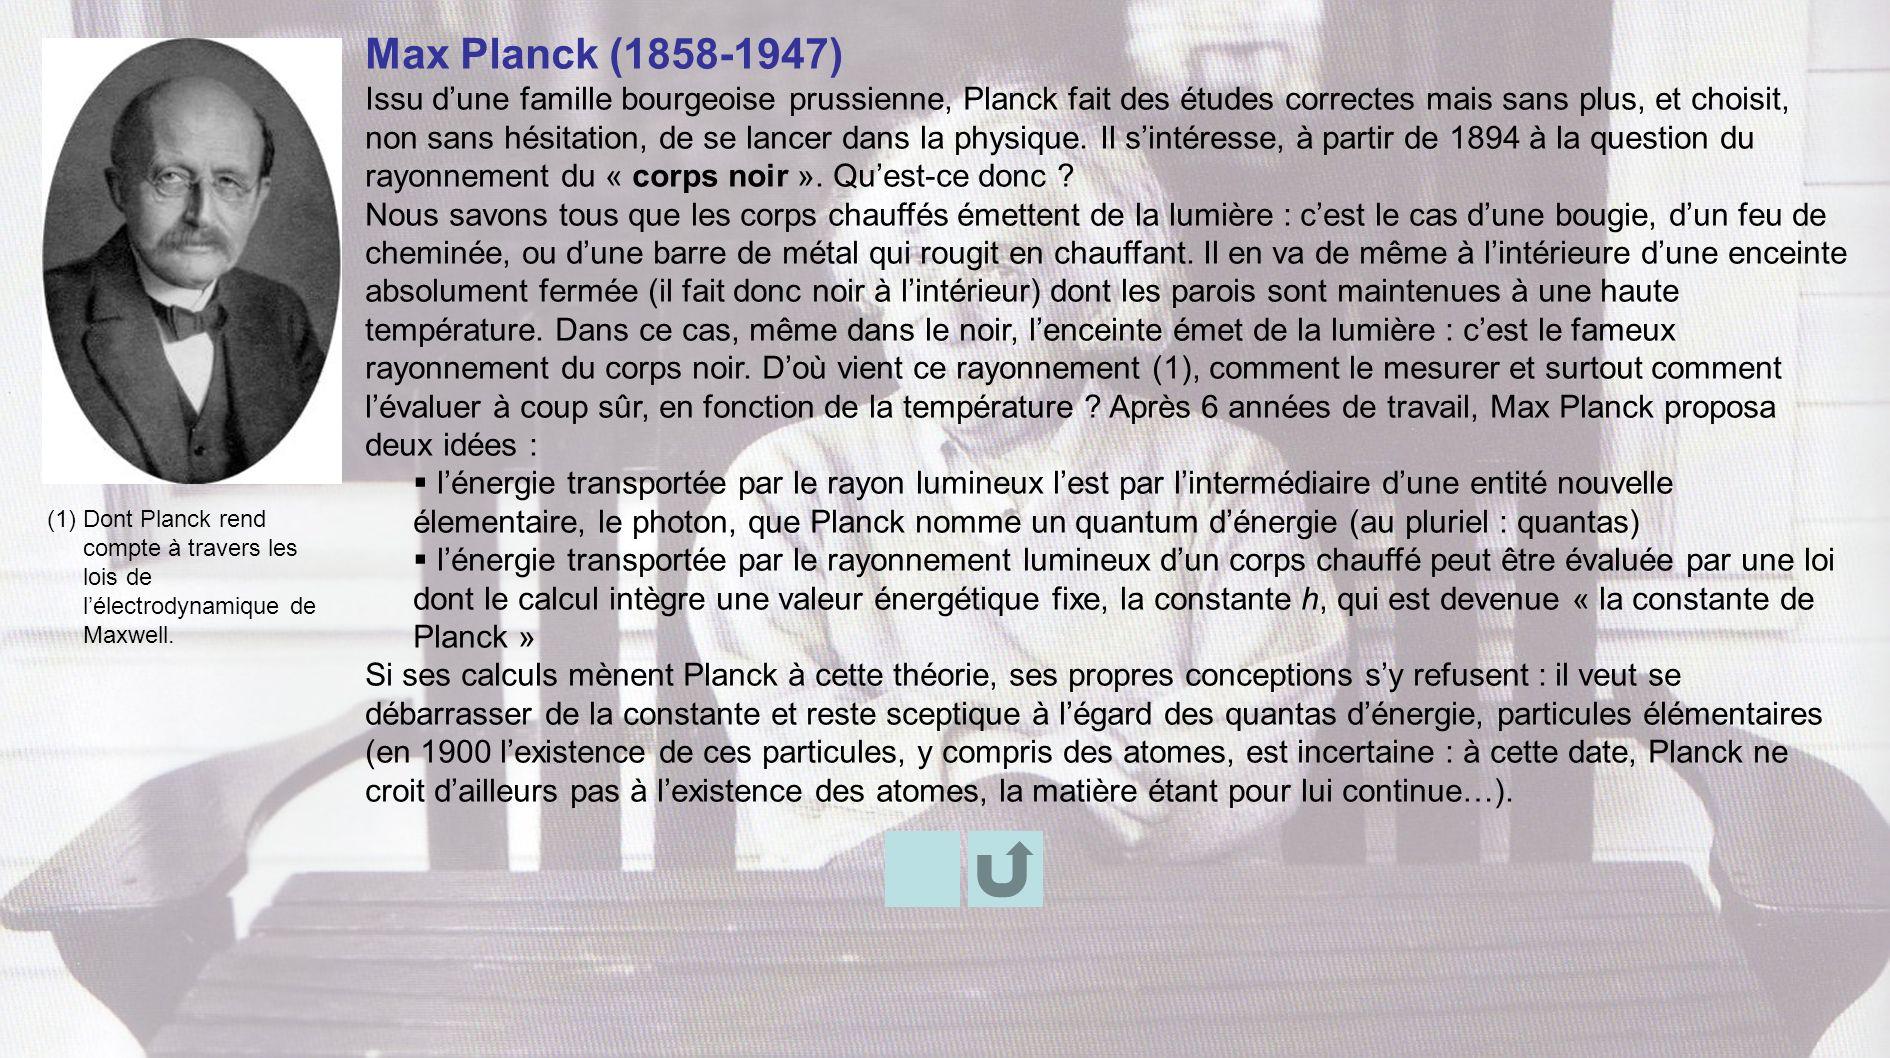 Max Planck (1858-1947) Issu dune famille bourgeoise prussienne, Planck fait des études correctes mais sans plus, et choisit, non sans hésitation, de s